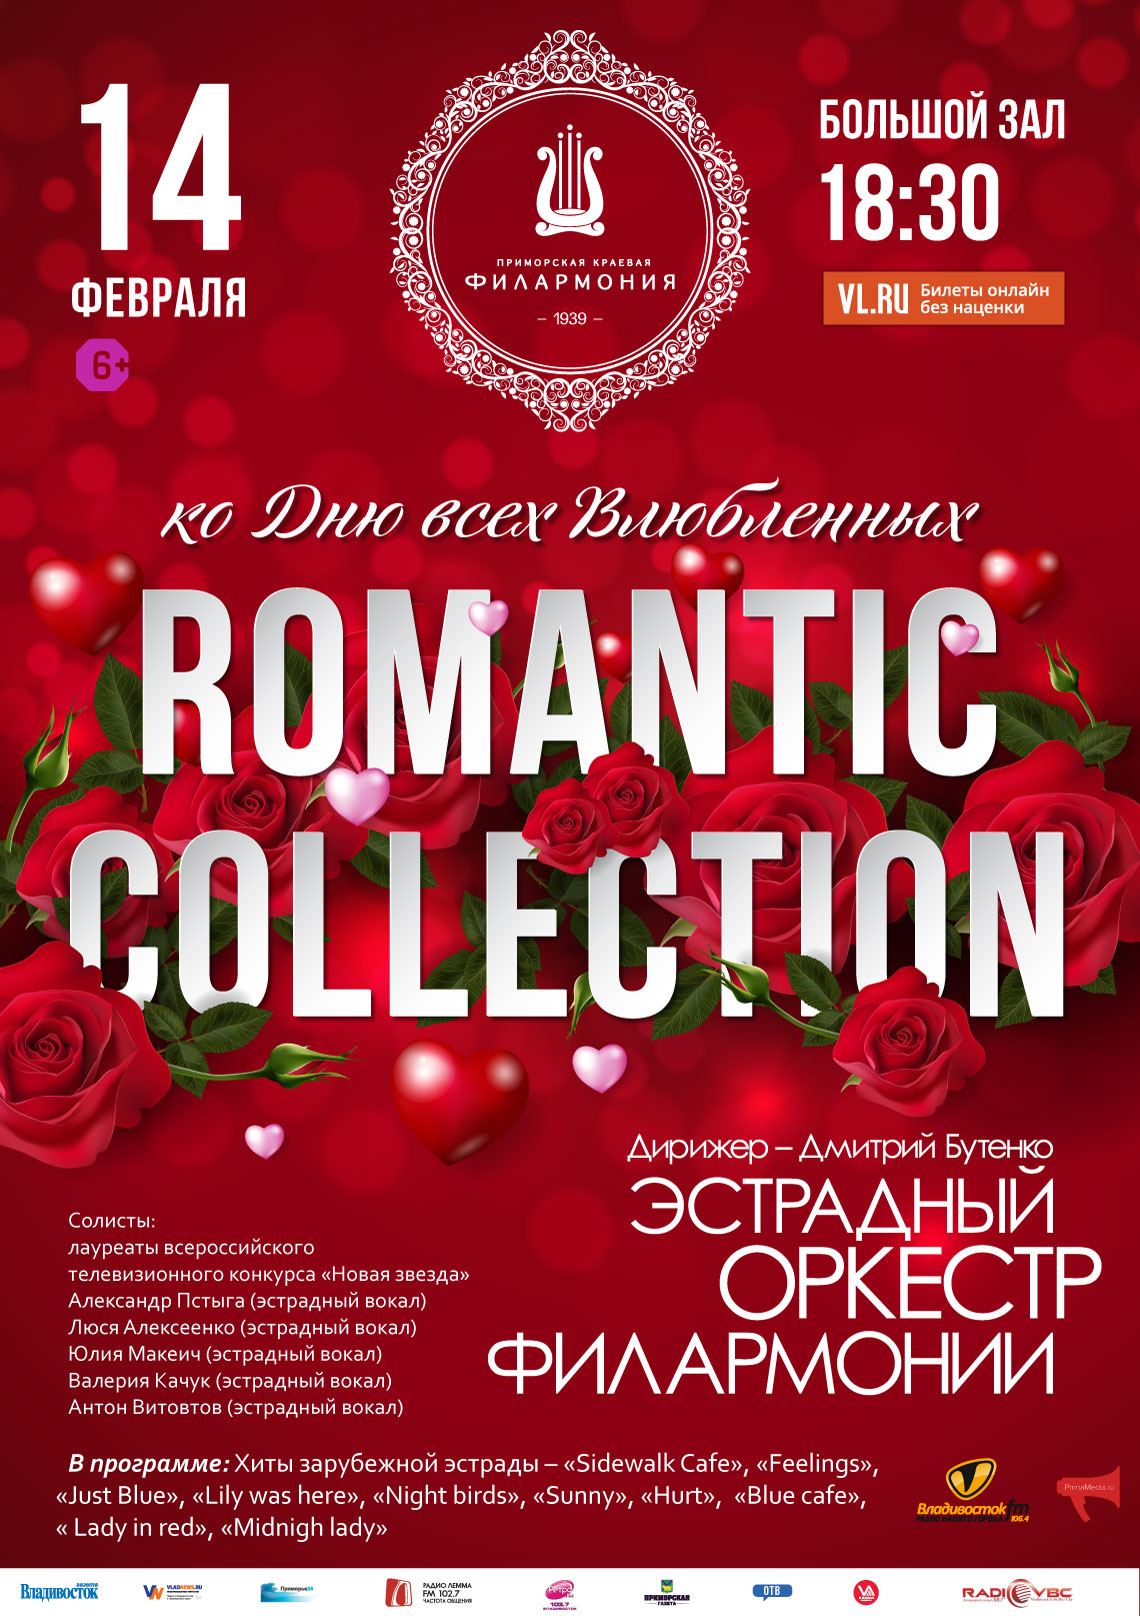 14 февраля  Концертная программа ко Дню всех Влюбленных  «Romantic collection»